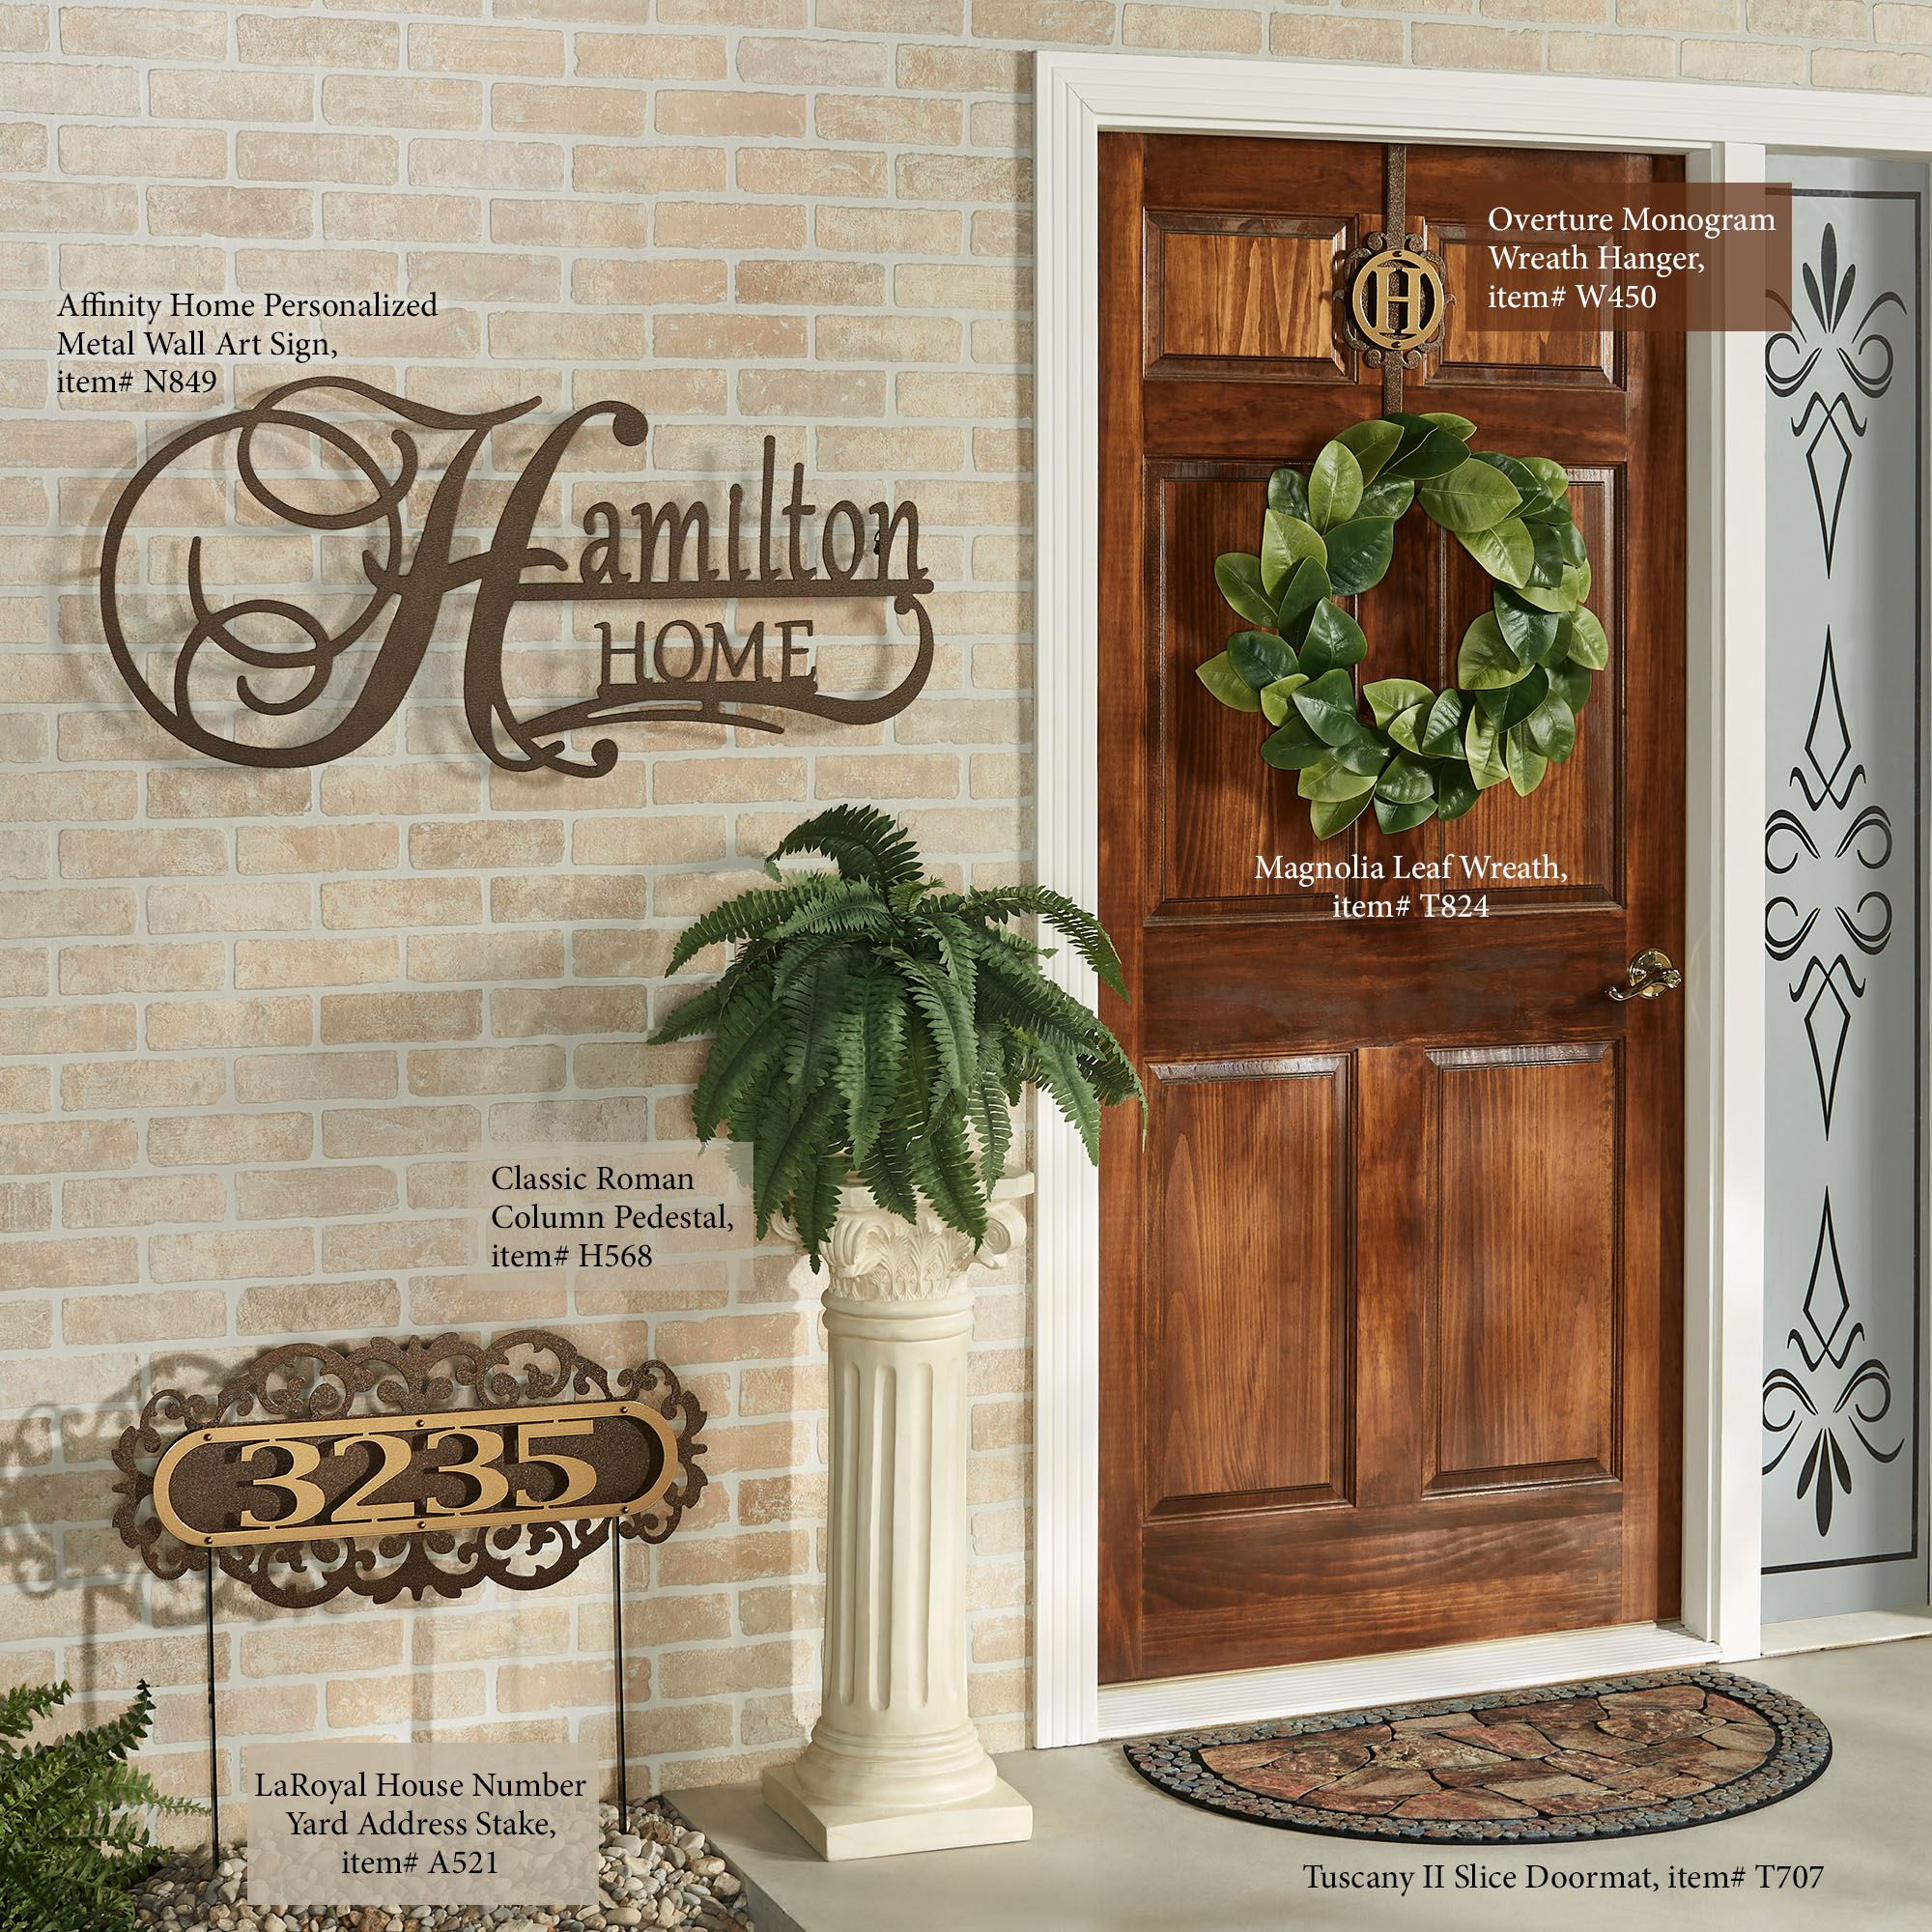 Overture Gold Bronze Over The Door Monogram Wreath Hanger